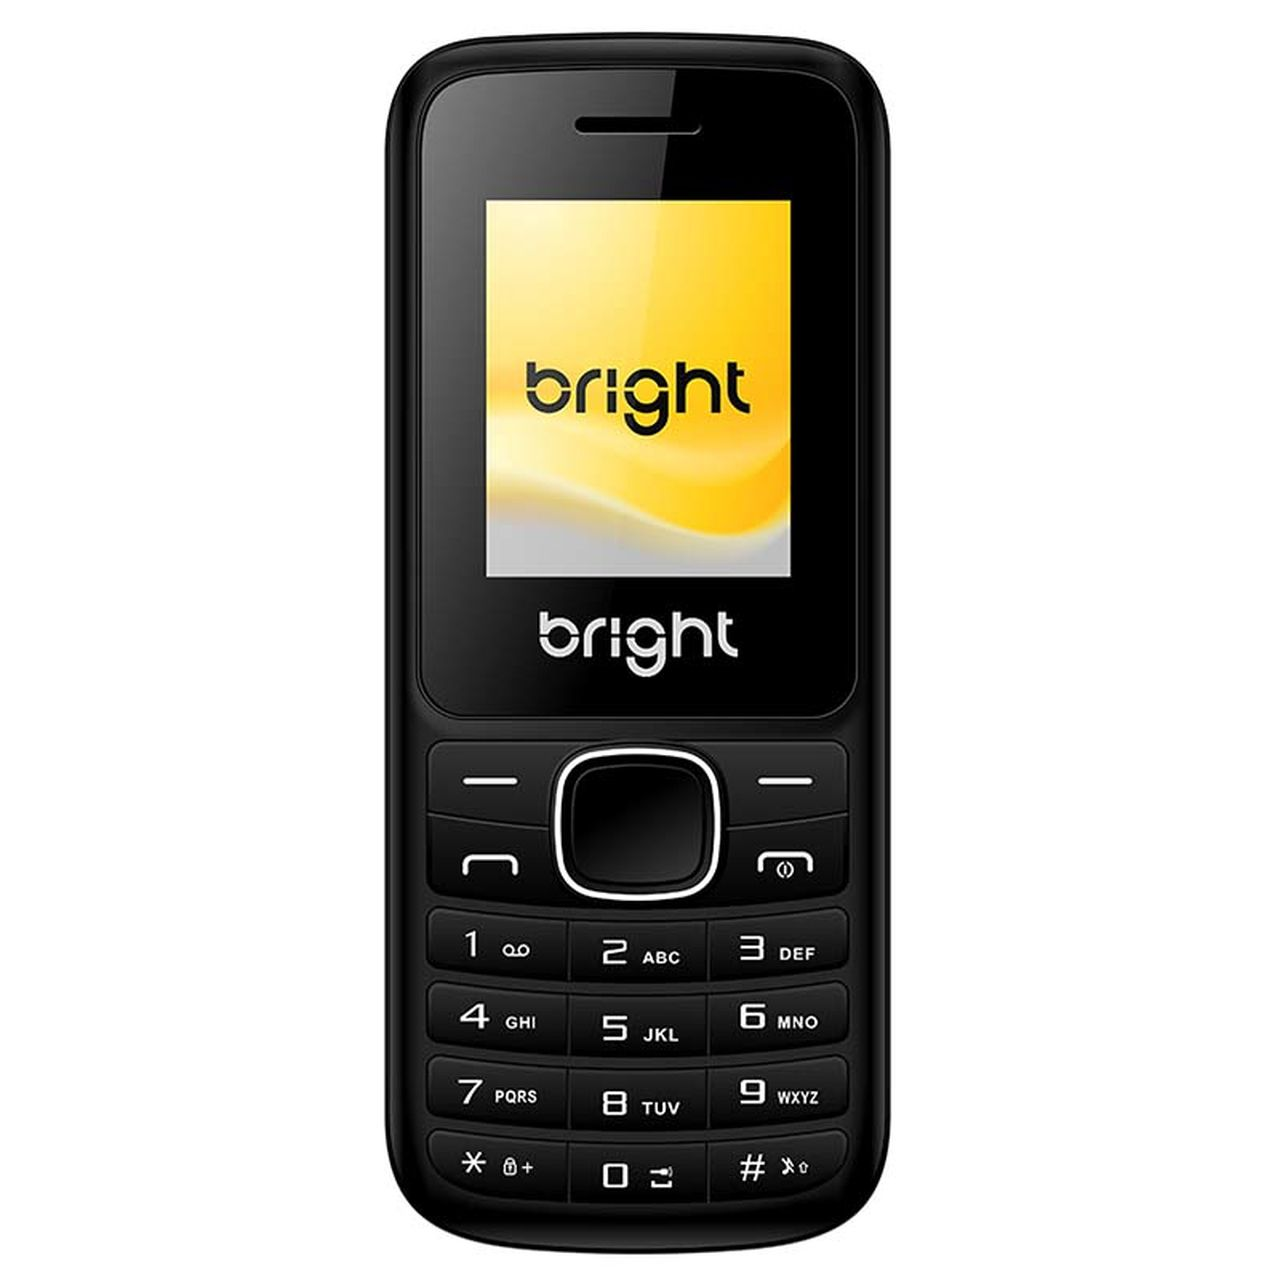 Celular Barra Dual Chip com Câmera Mp3 e Bluetooth Preto 405 Bright  - BRIGHT